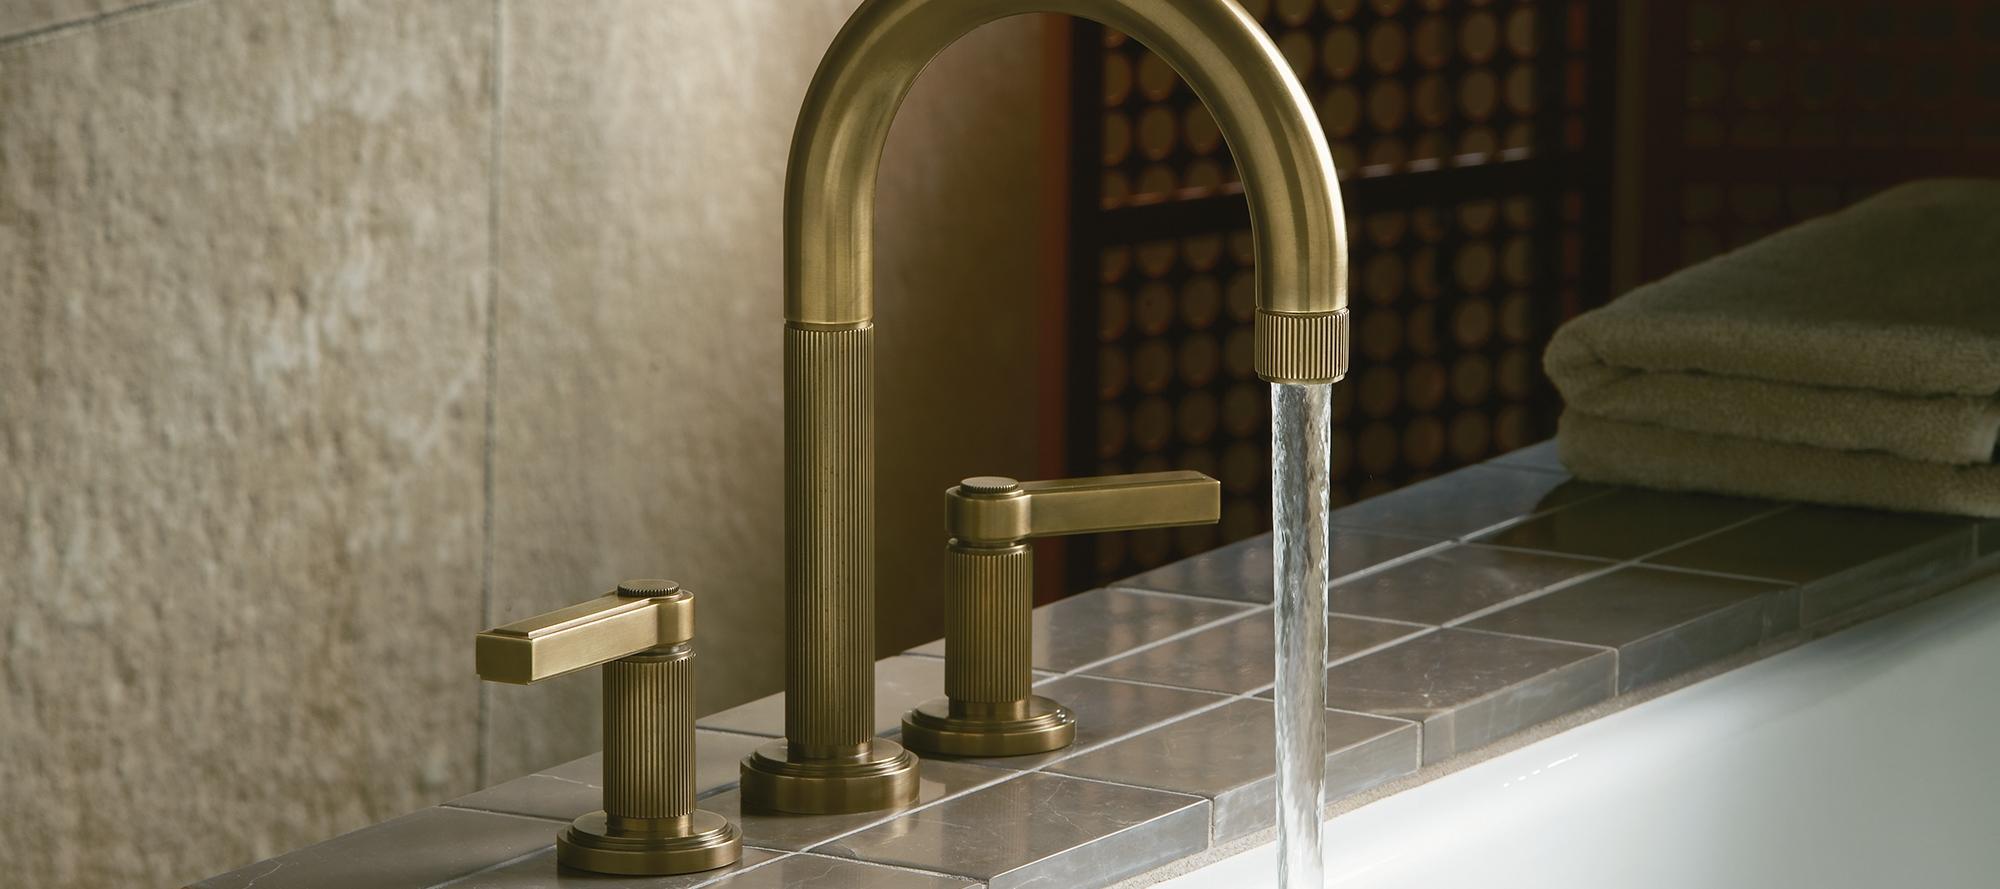 Ideas, kallista one kitchen faucet kallista one kitchen faucet bath faucets faucets kallista 2000 x 889  .